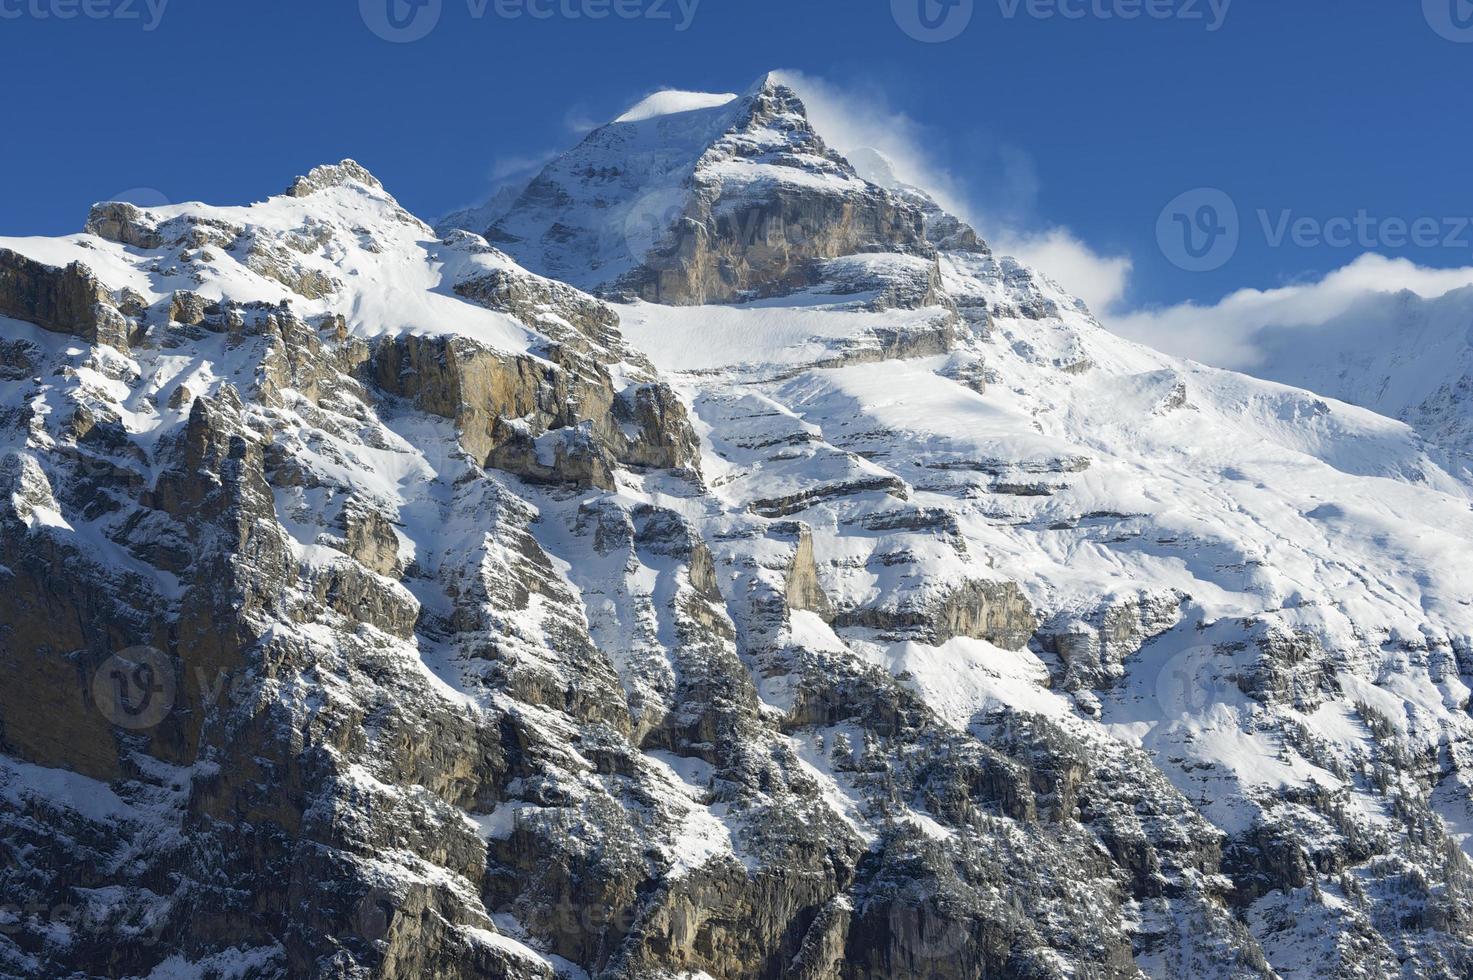 vista sulle montagne invernali nell'Oberland bernese, Svizzera. foto